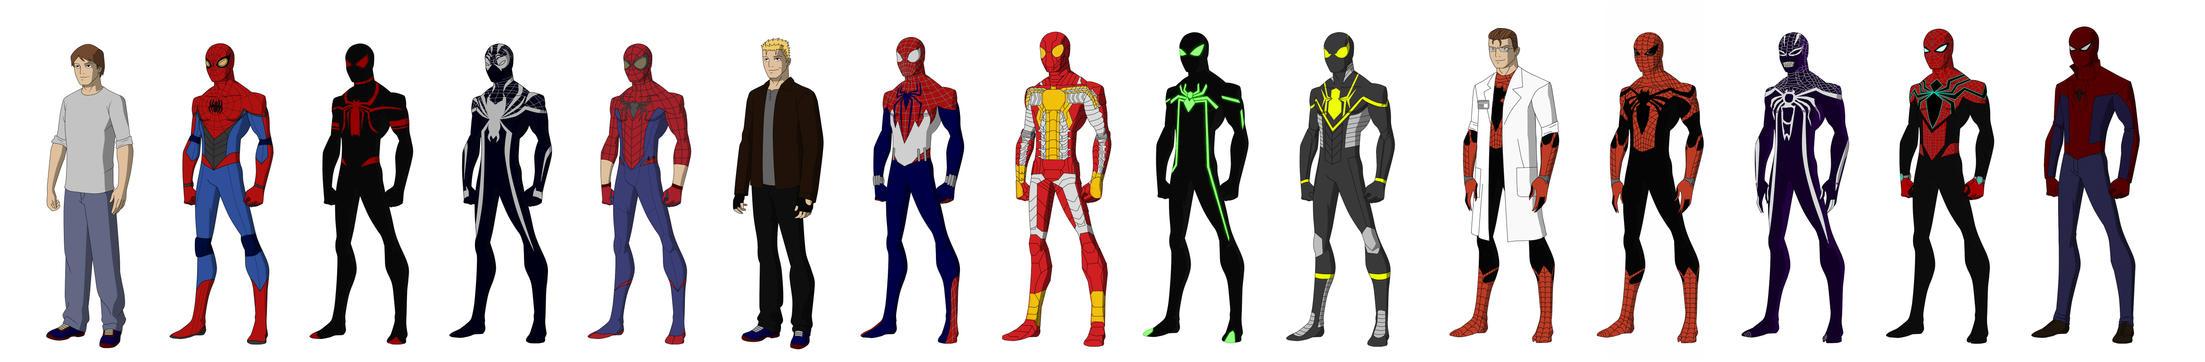 Spider-man redesign vol.1 by shorterazer